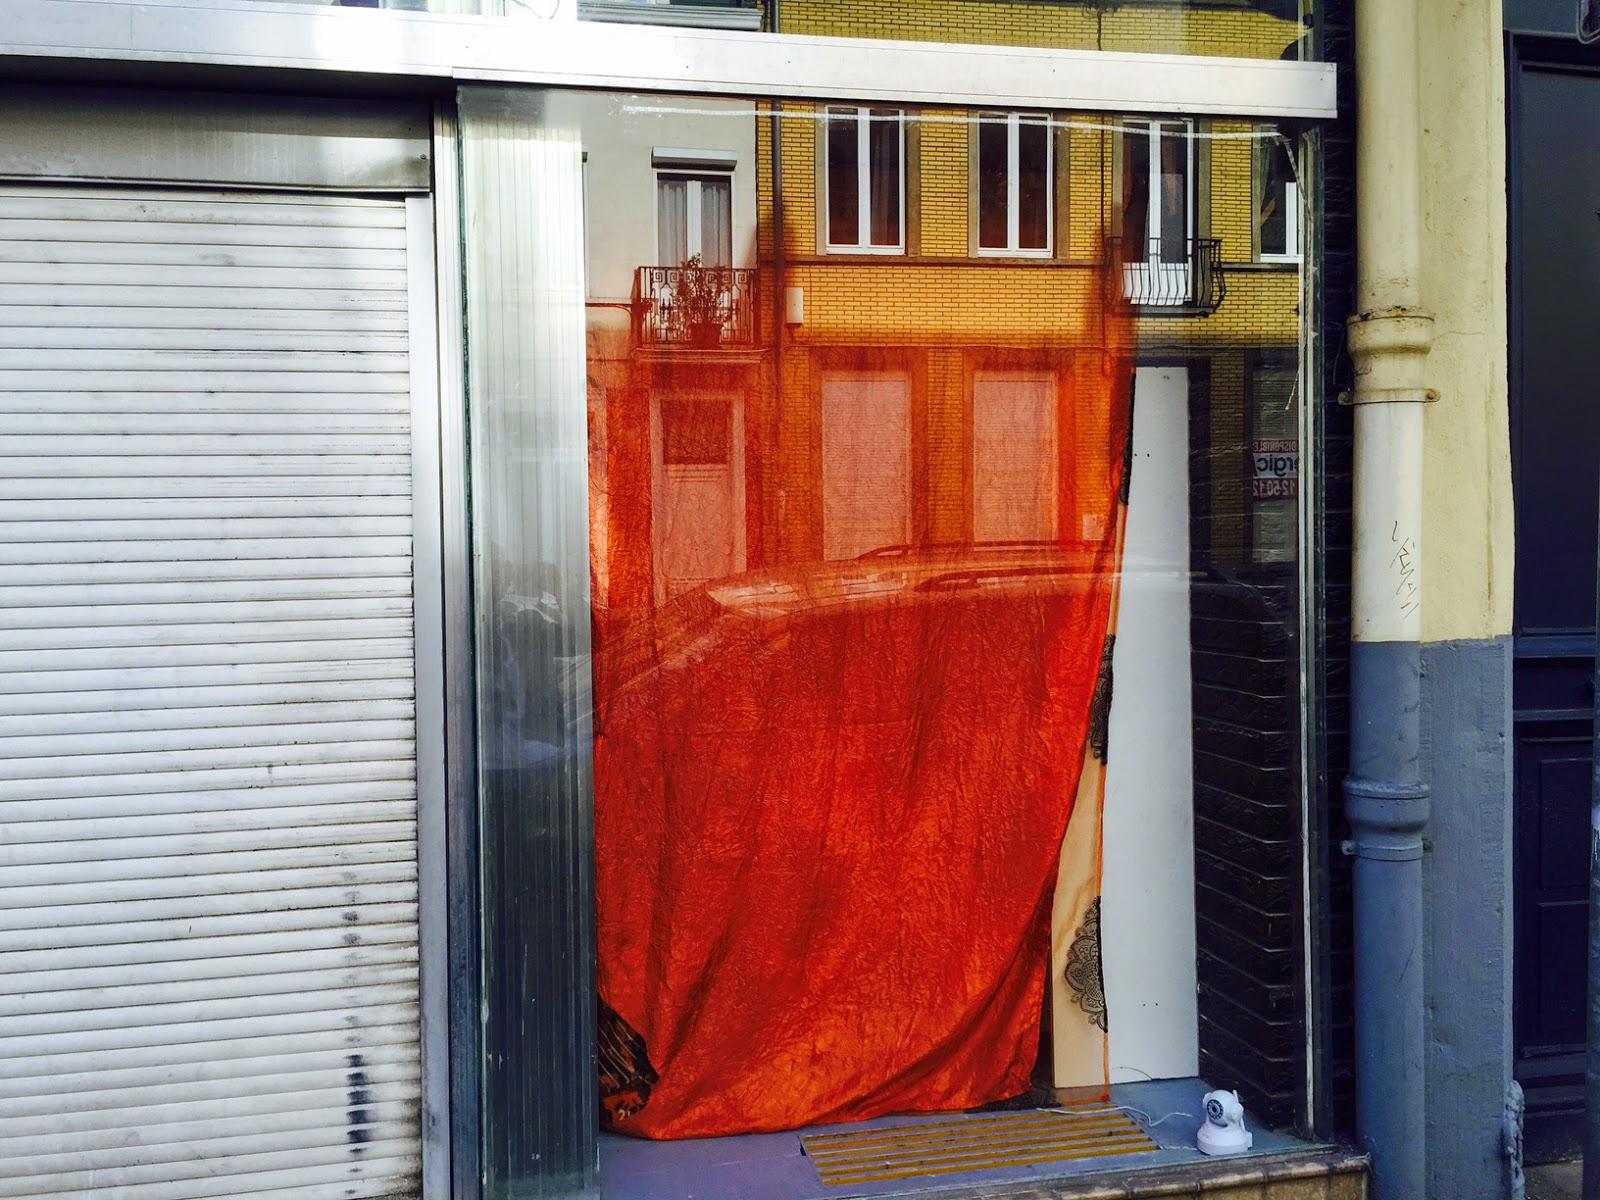 Remplacement de la vitrine dans son état d'origine